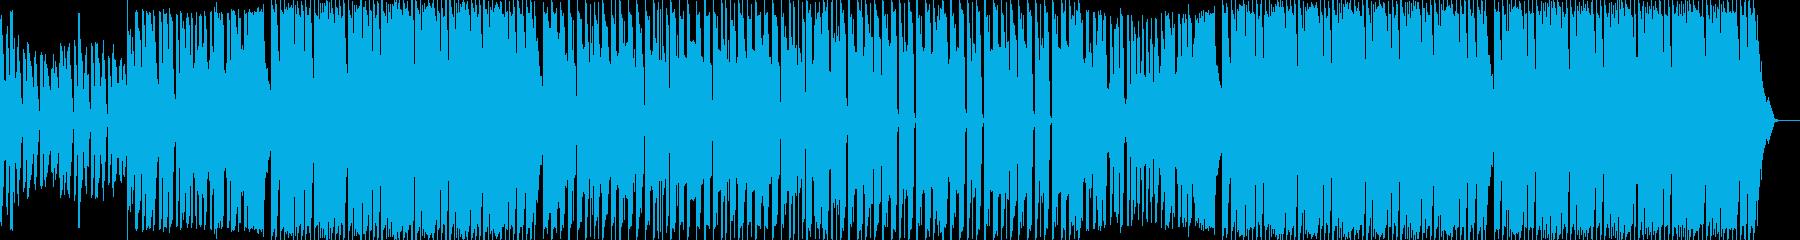 ダンス・重低音・エレクトロ・ショートの再生済みの波形